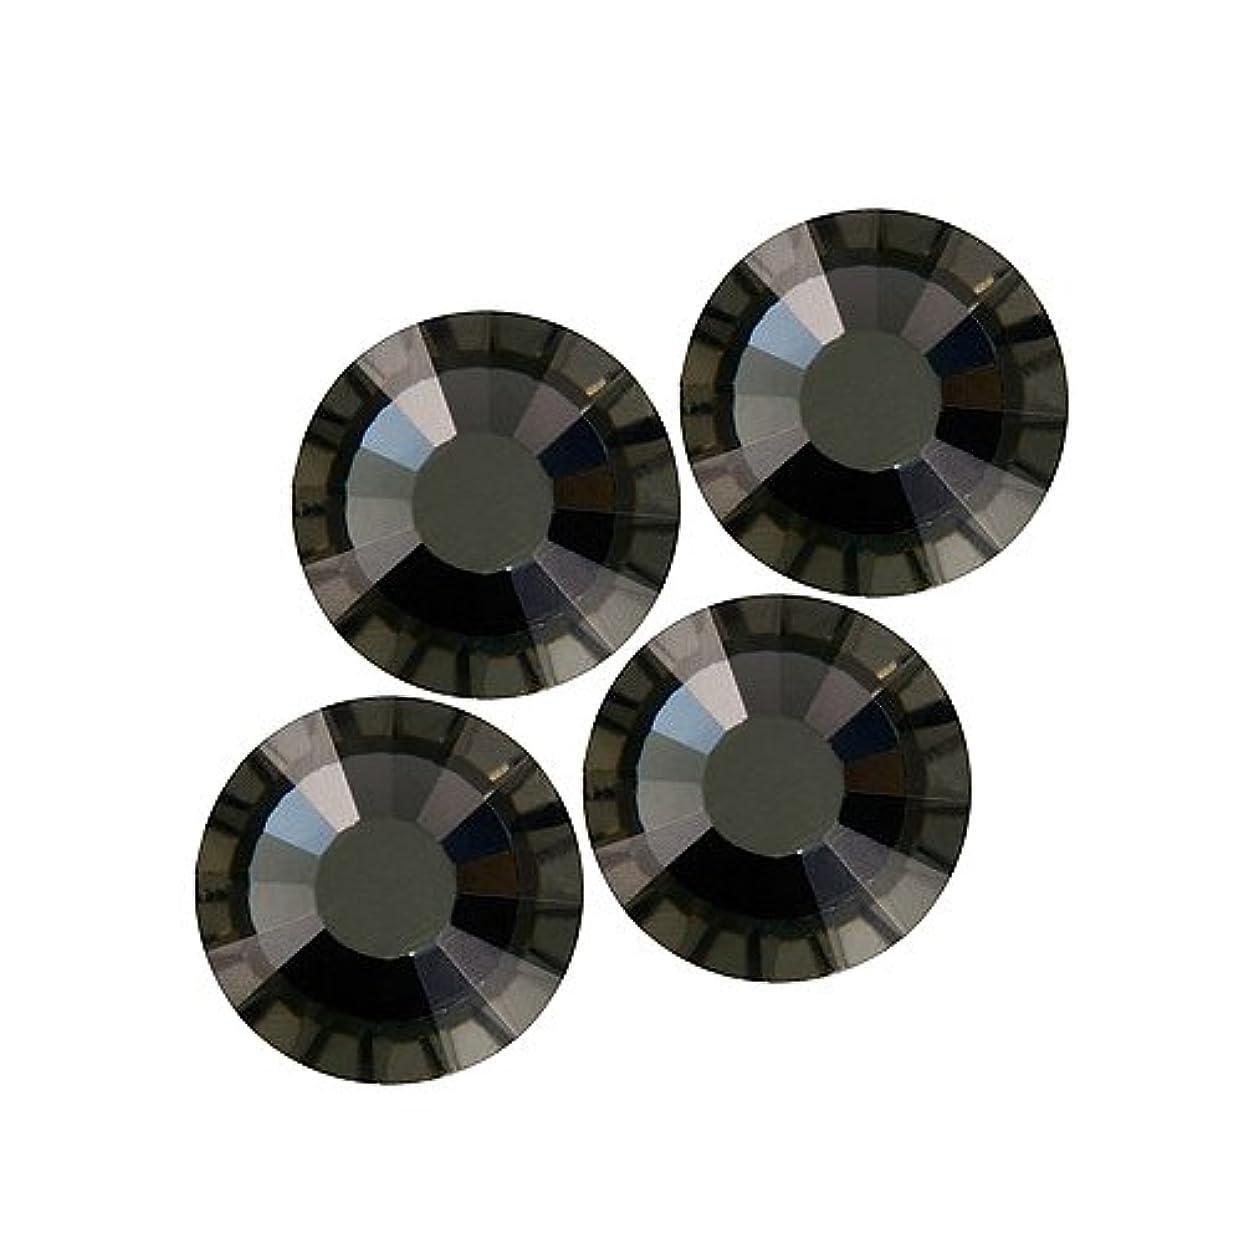 抑止するシガレットスポンサーバイナル DIAMOND RHINESTONE ブラックダイアモンドSS8 1440粒 ST-SS8-BKD-10G